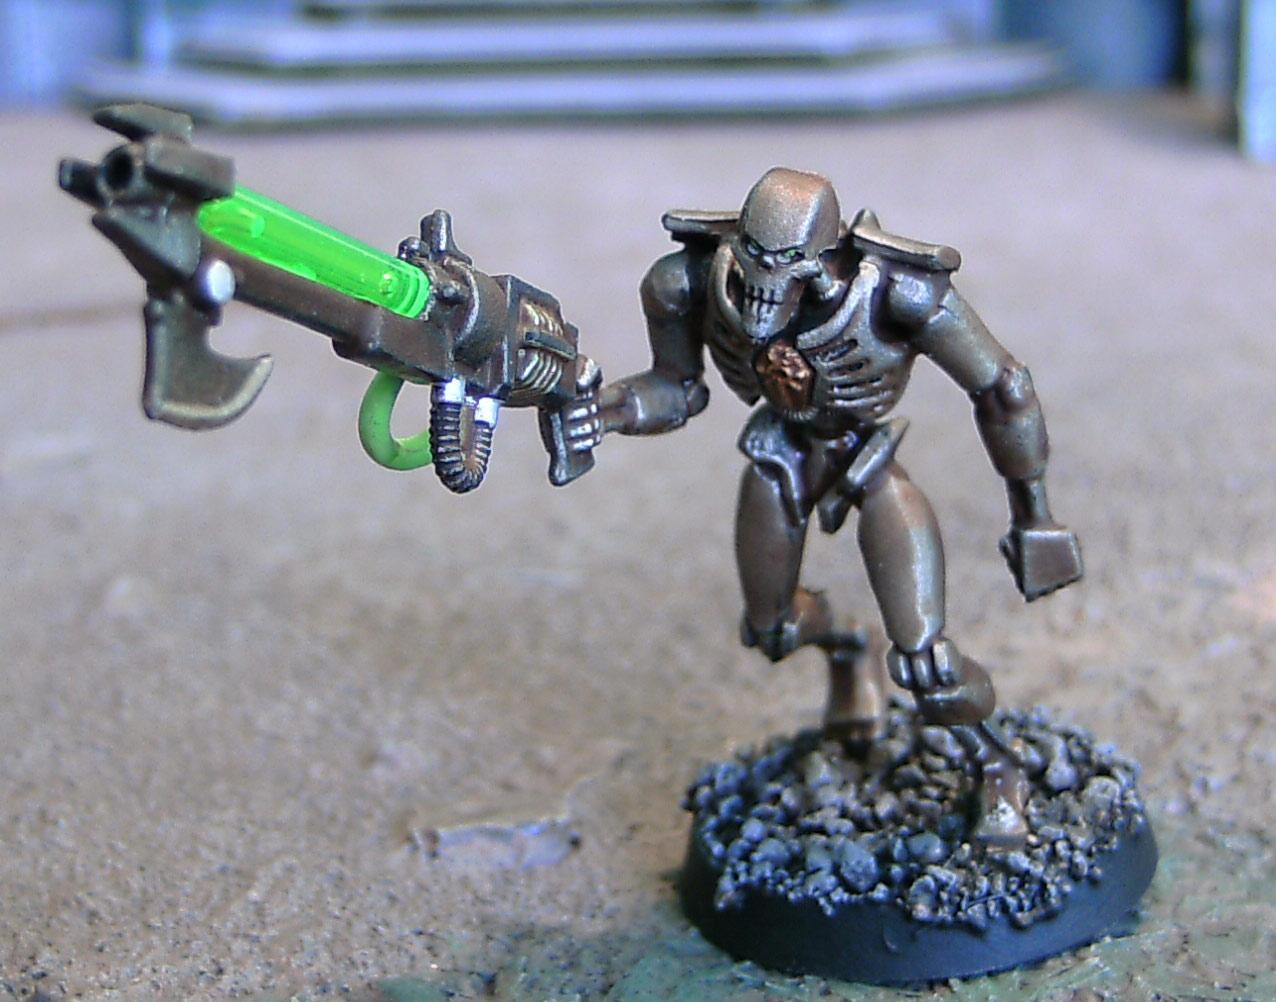 Gauss, Necrons, Ouze, Rifle, Warhammer 40,000, Warriors